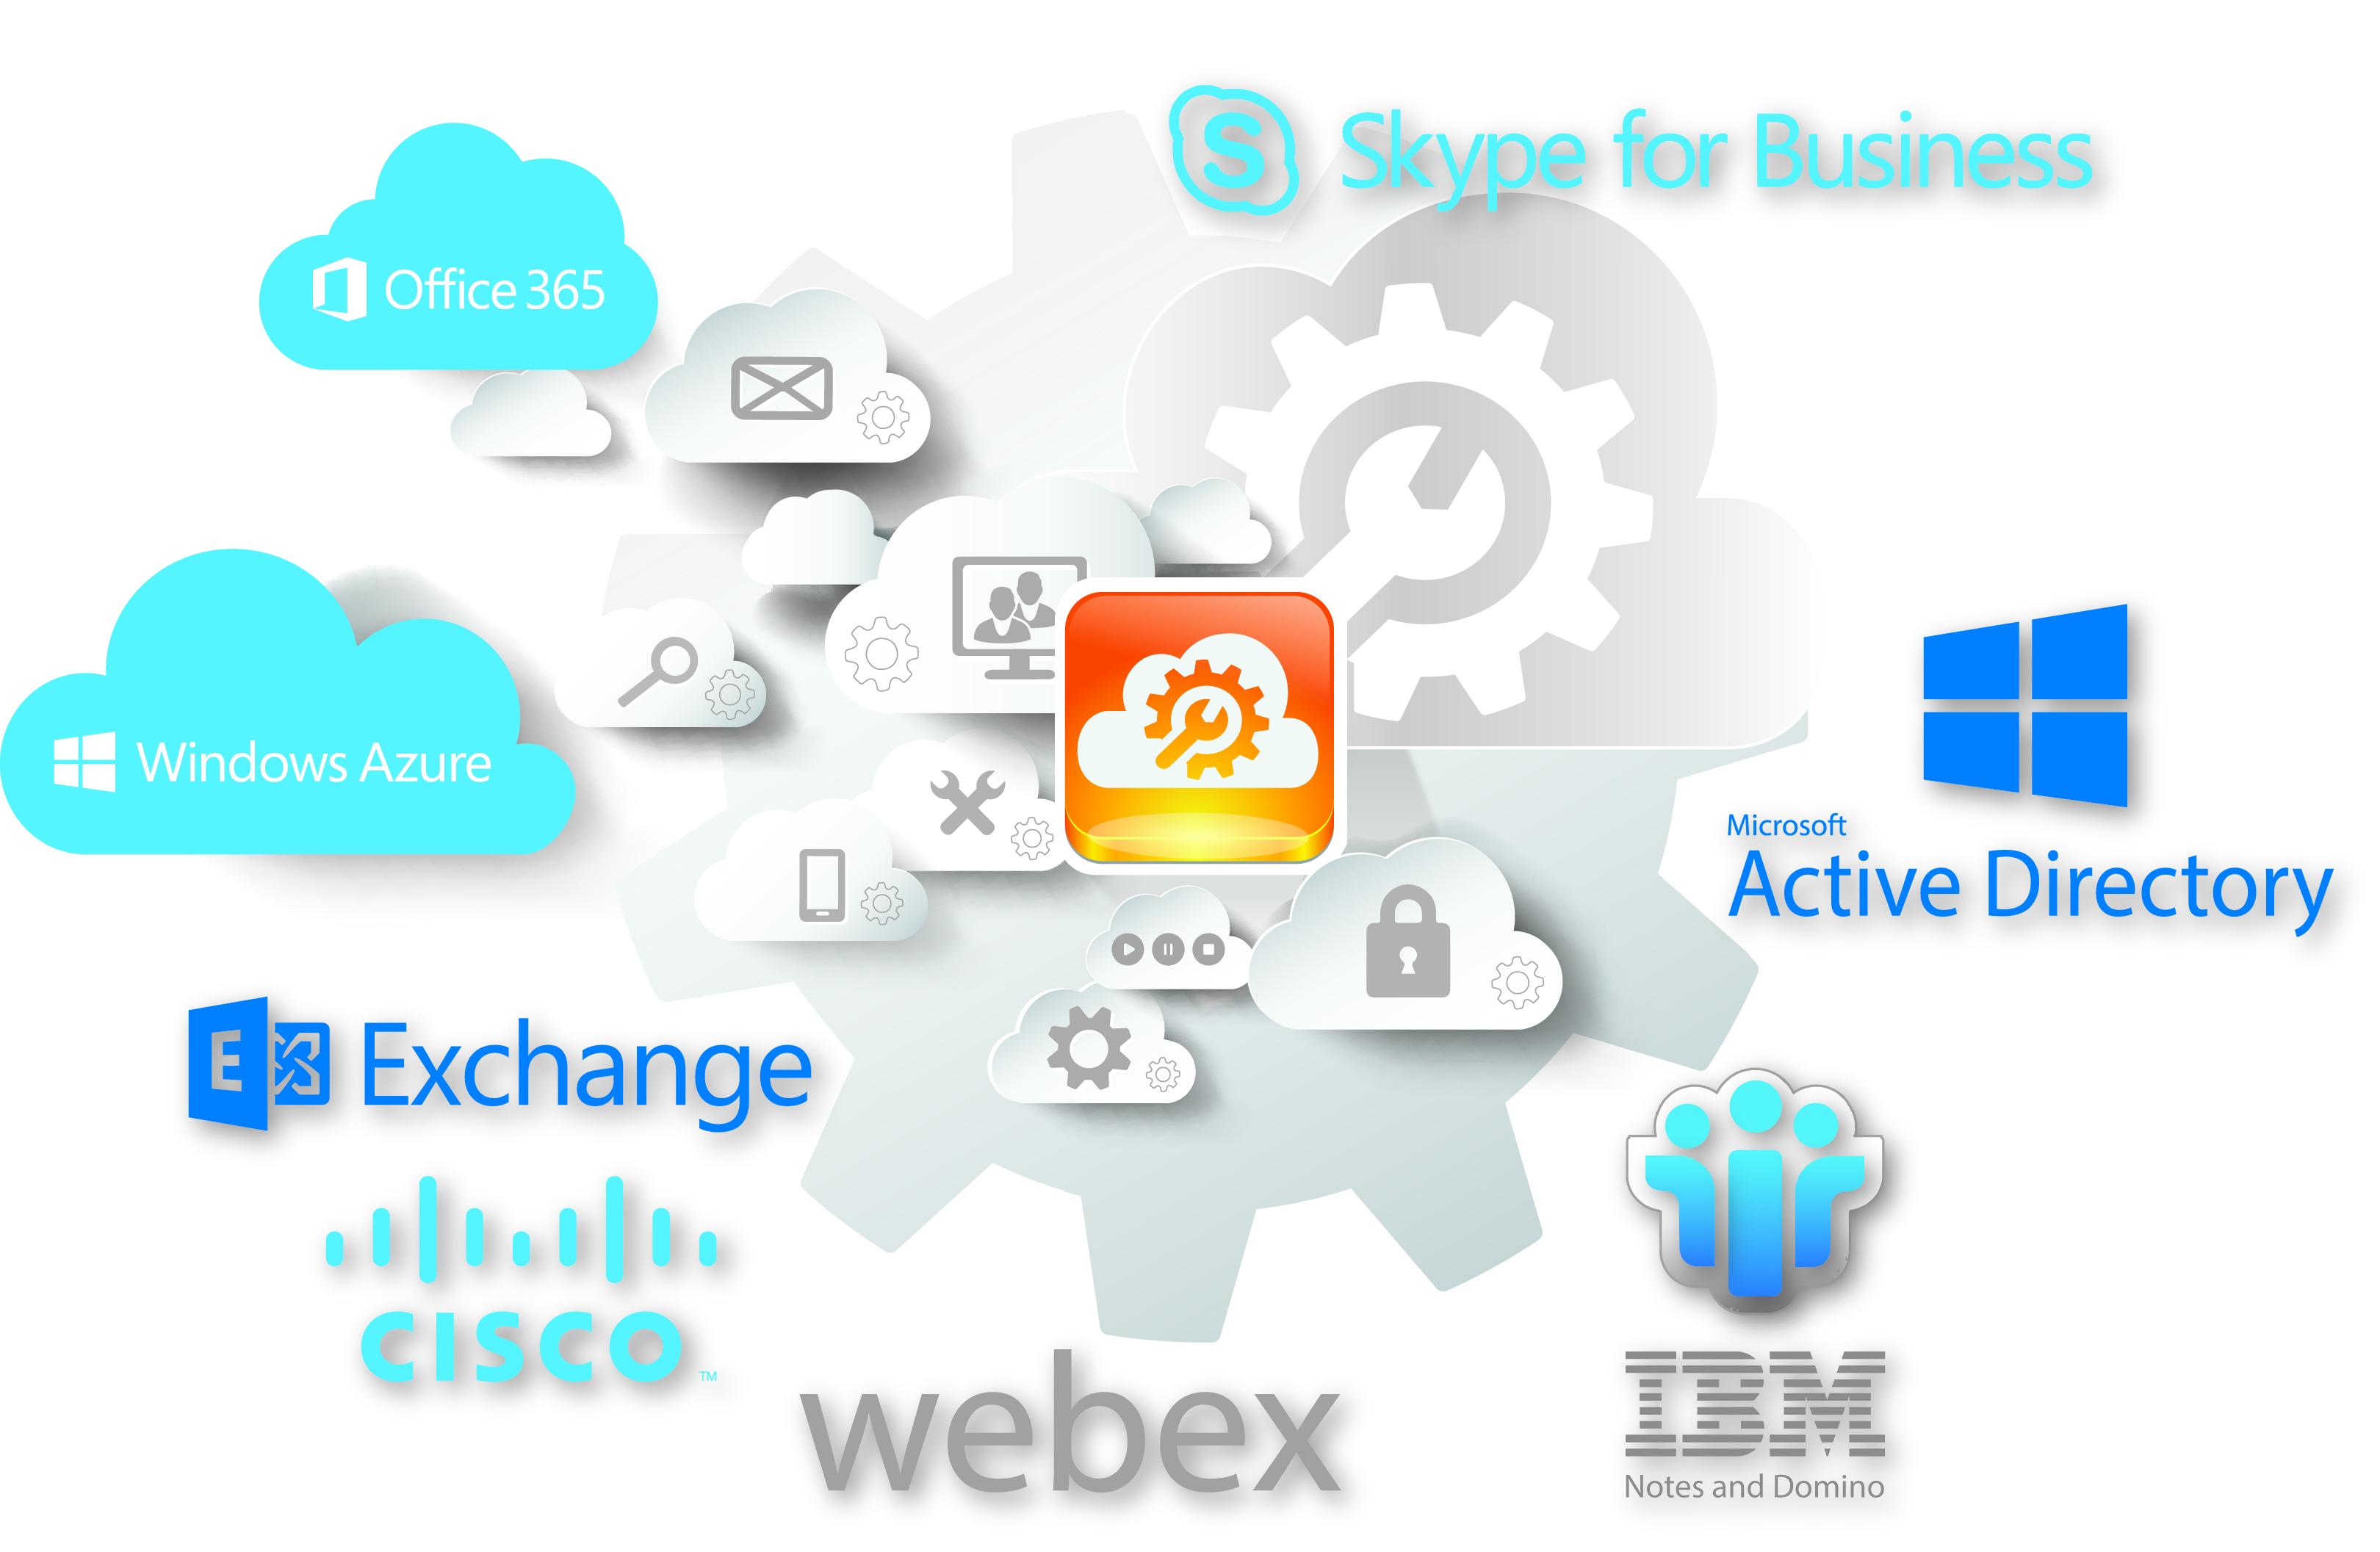 admintool cloud image revised.jpg